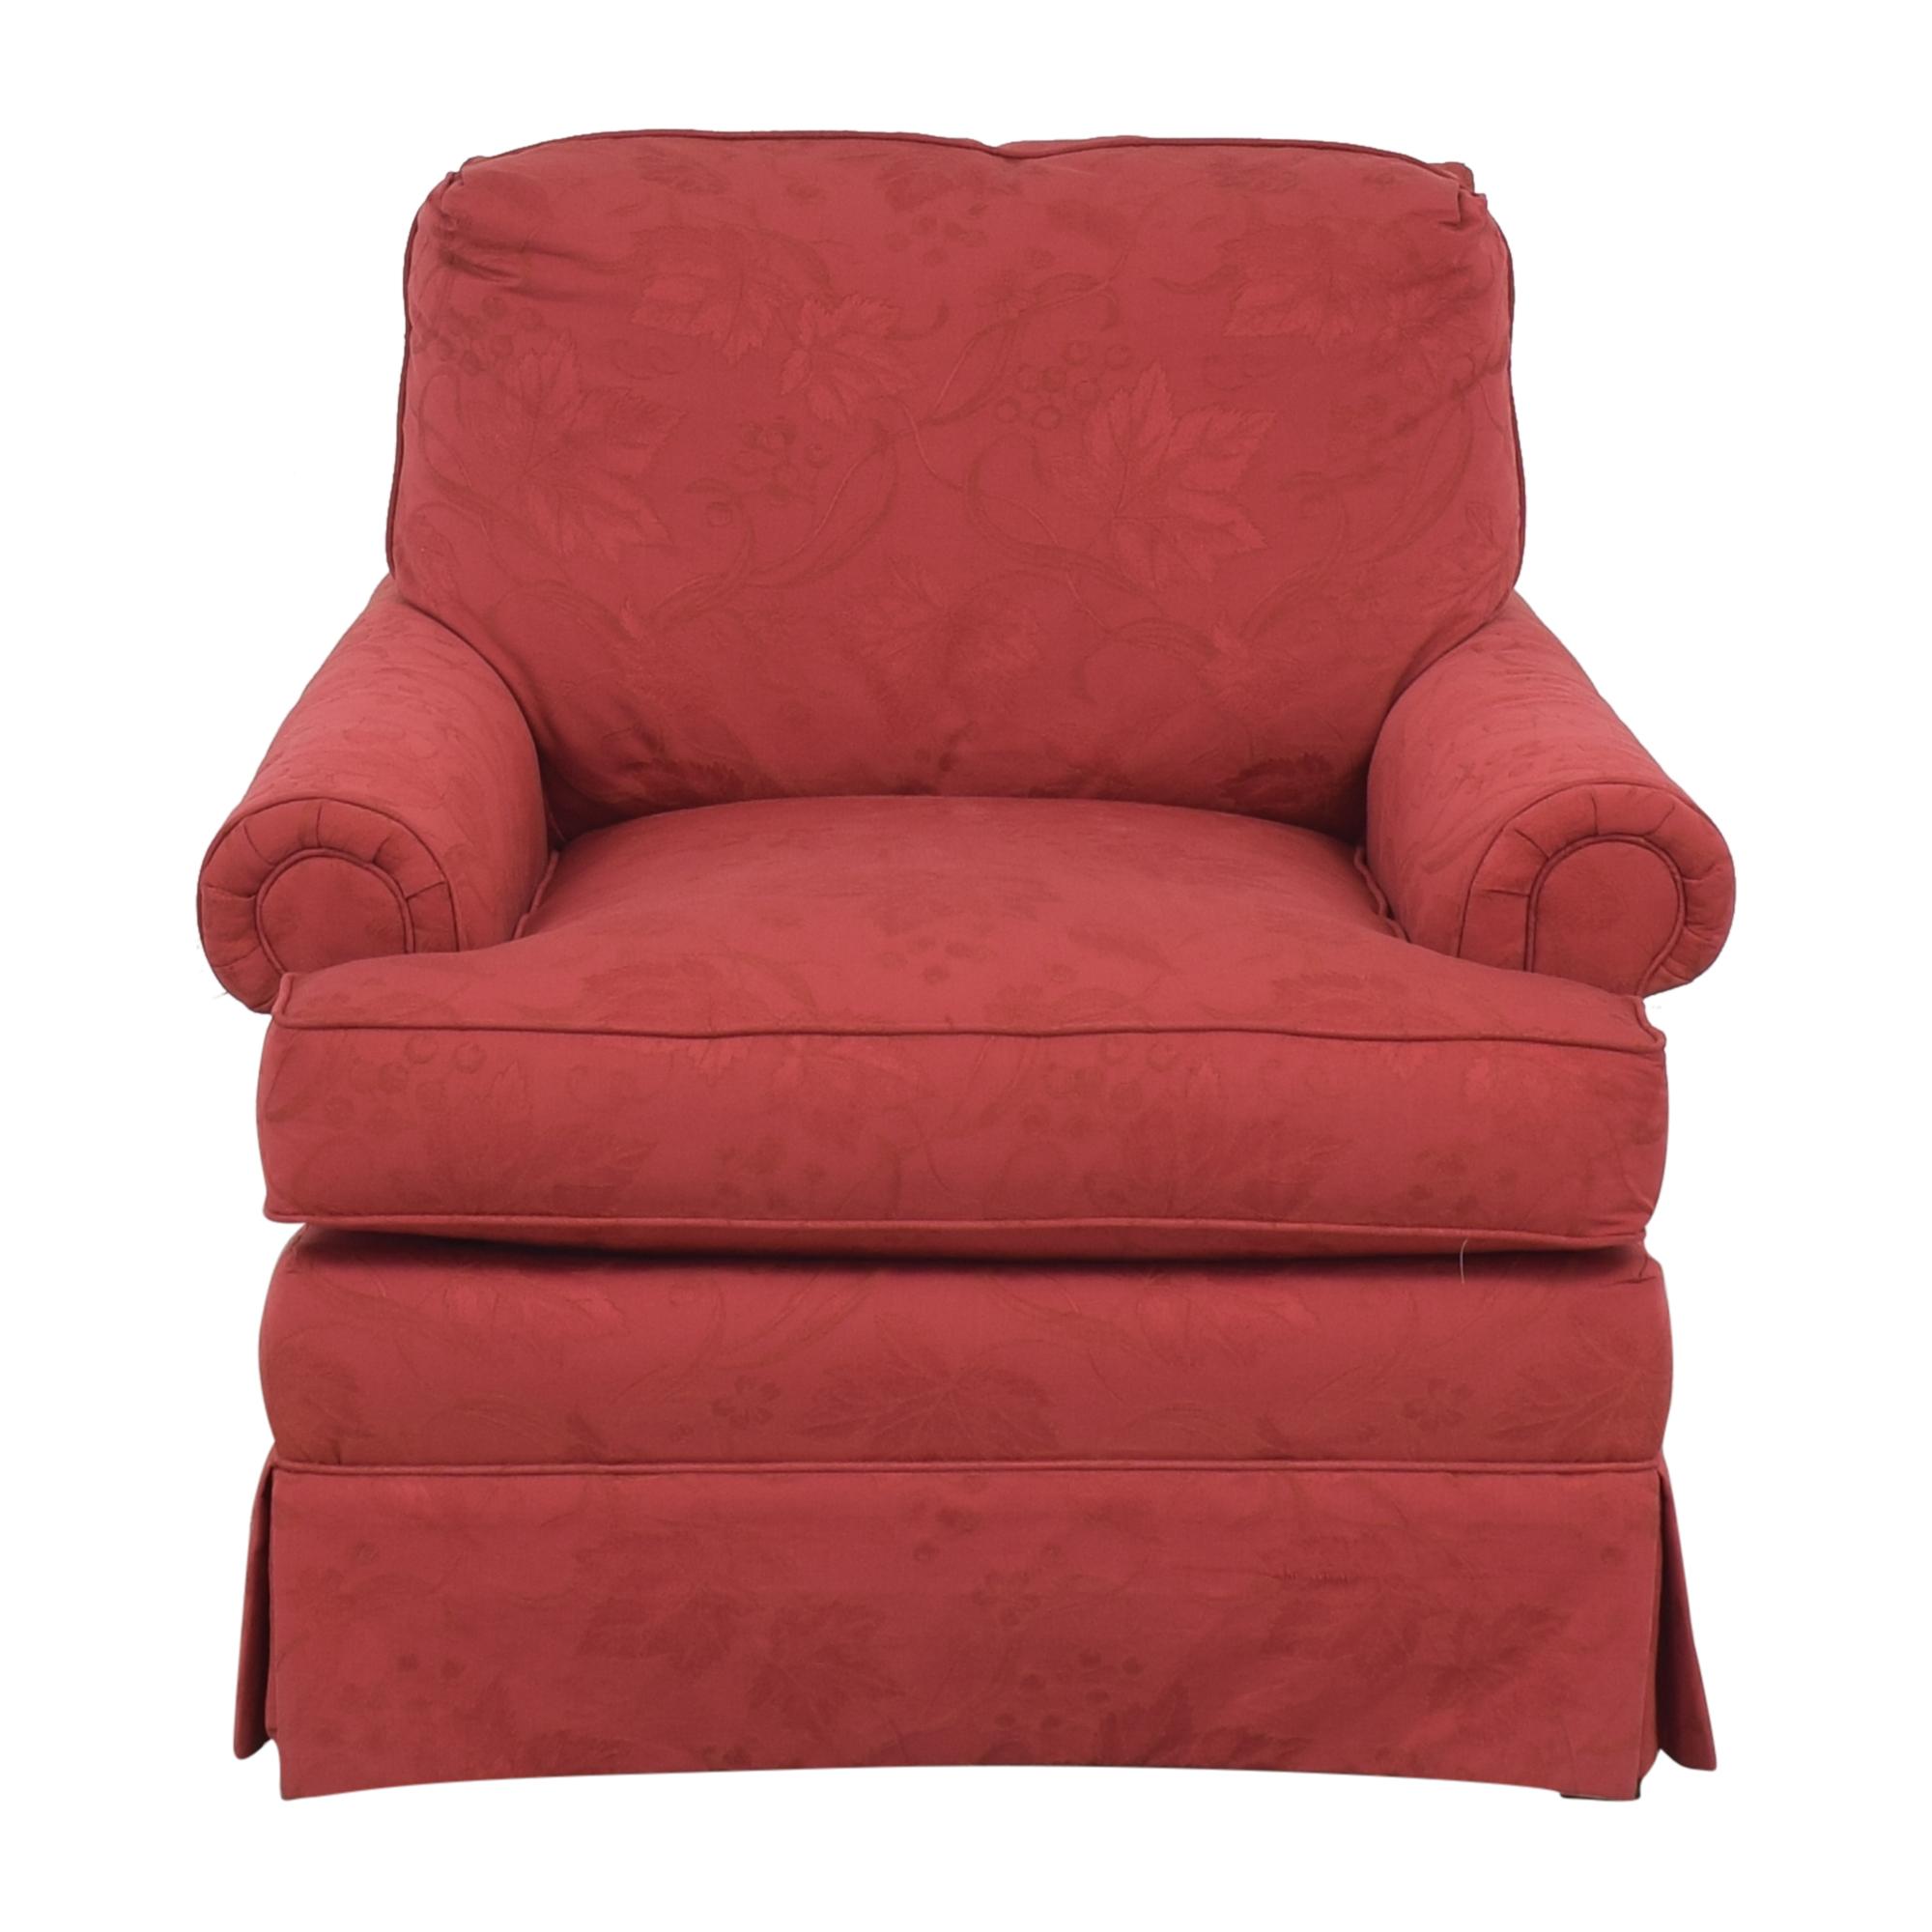 Harden Skirted Armchair / Chairs